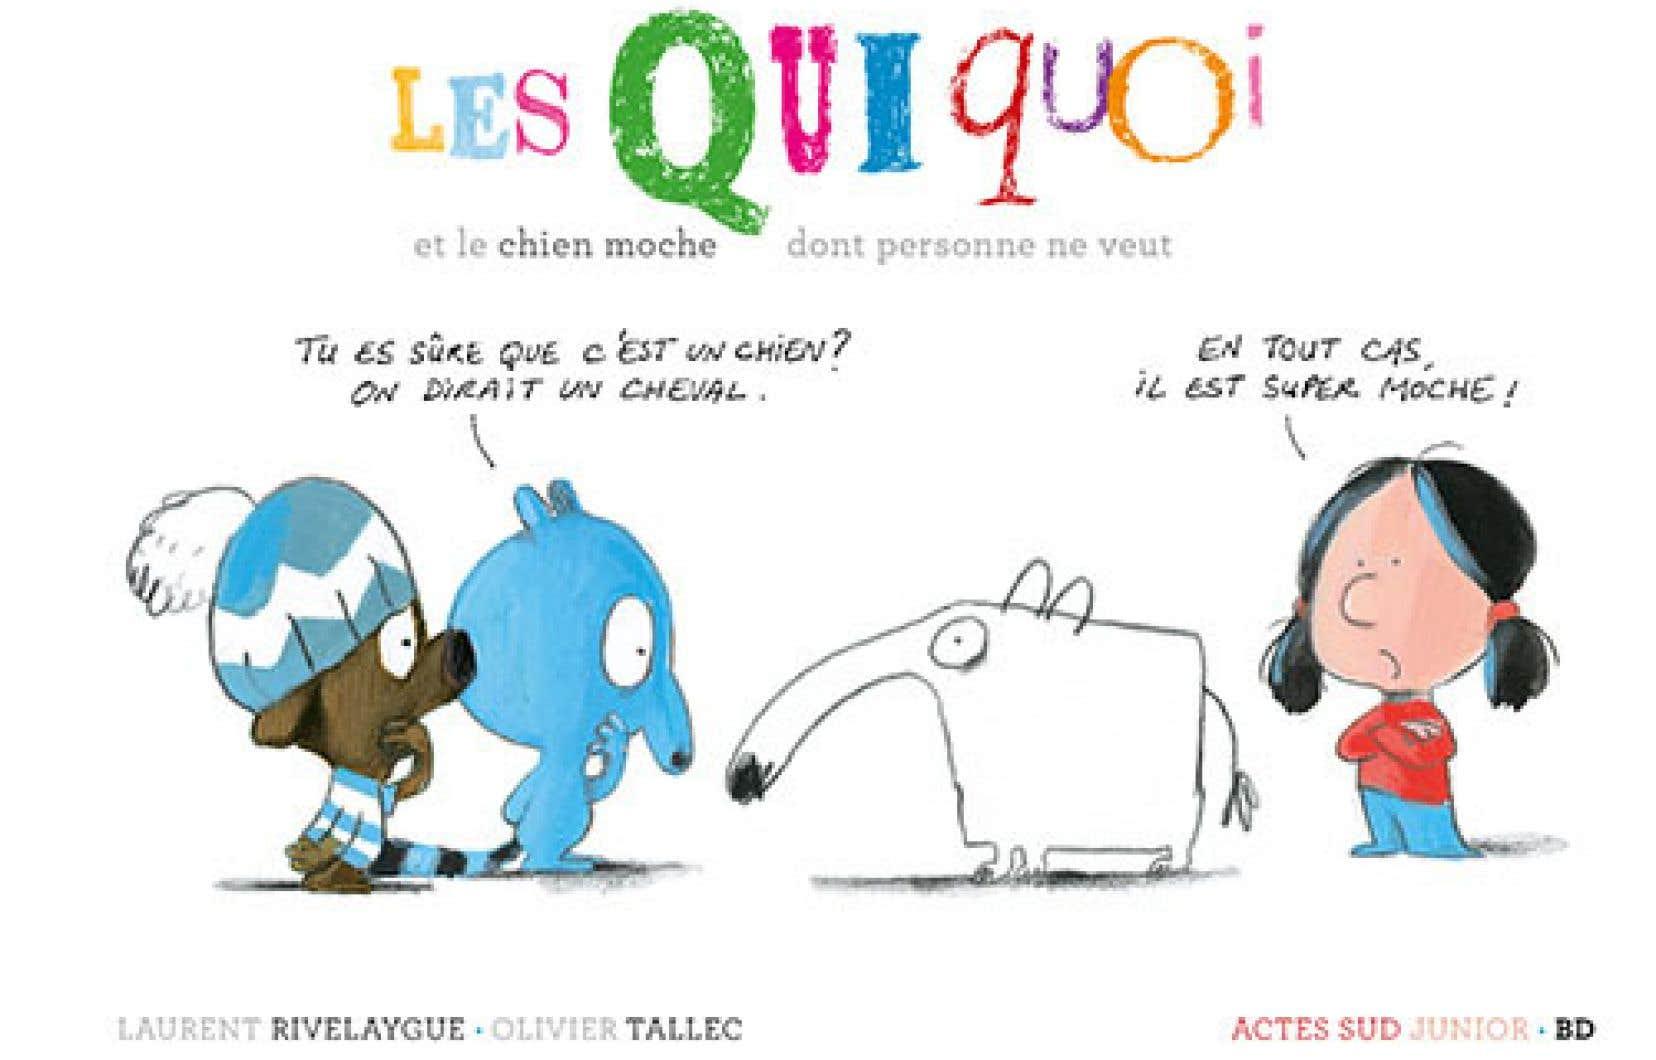 Dans ce cinquième titre tout juste paru dans la série «Les quiquoi», Laurent Rivelaygue et Olivier Tallec offrent un album tout aussi rafraîchissant, espiègle et truculent que les précédents.